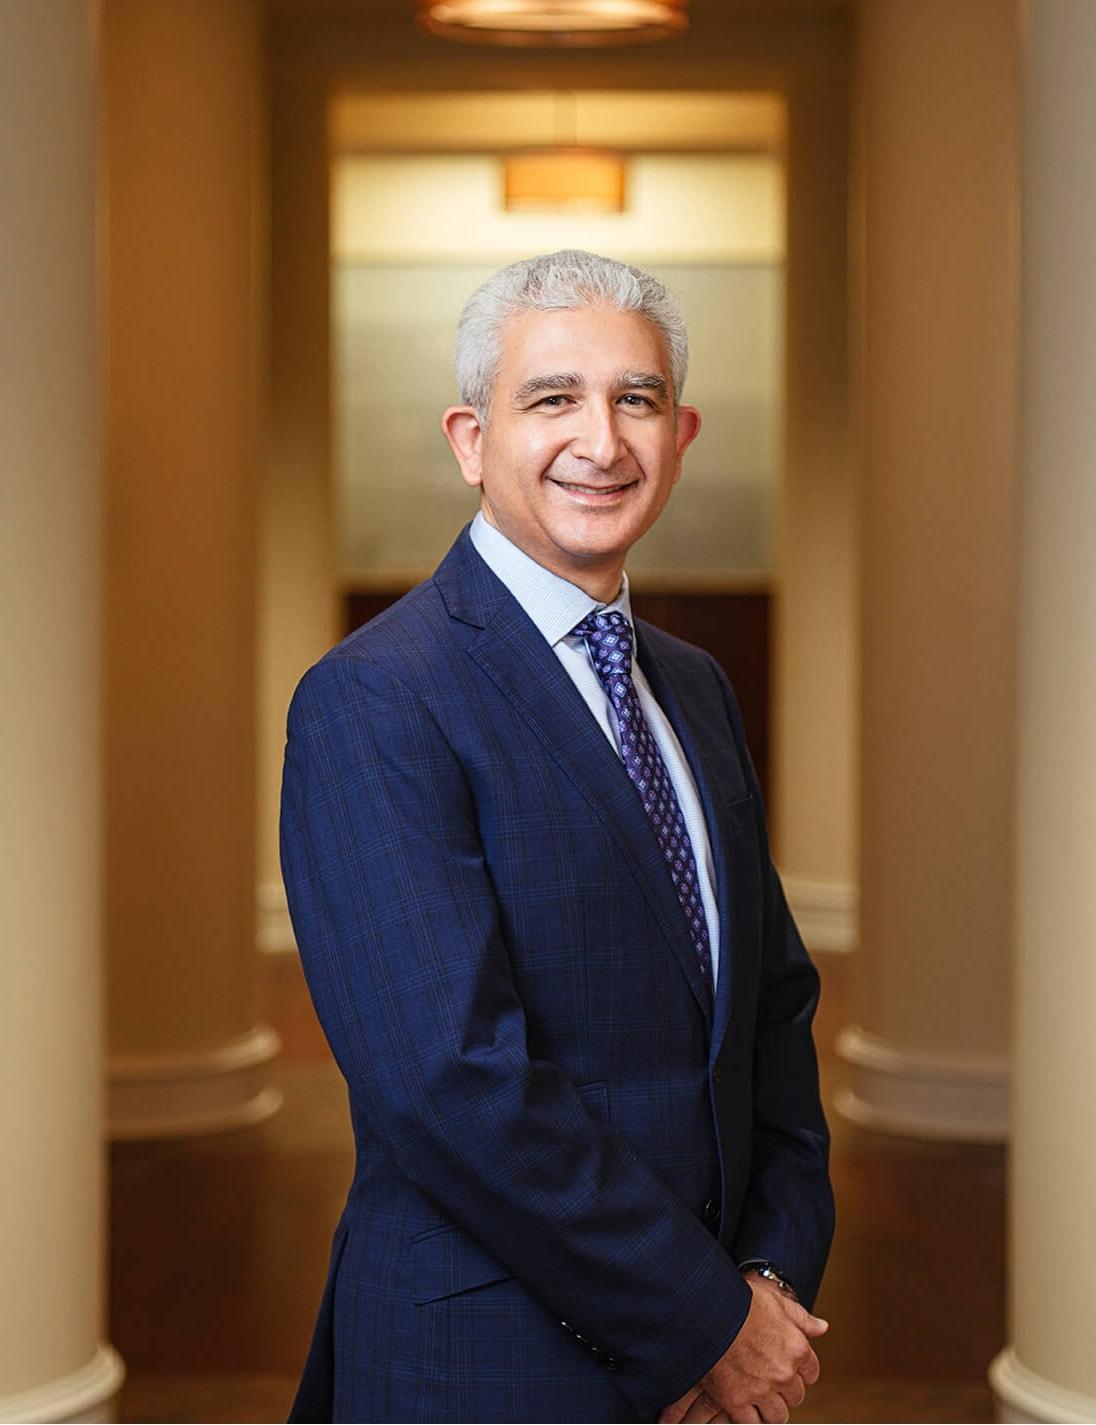 Dr. Nader Iskander, Lead Surgeon & Medical Director of San Antonio Eye Specialists